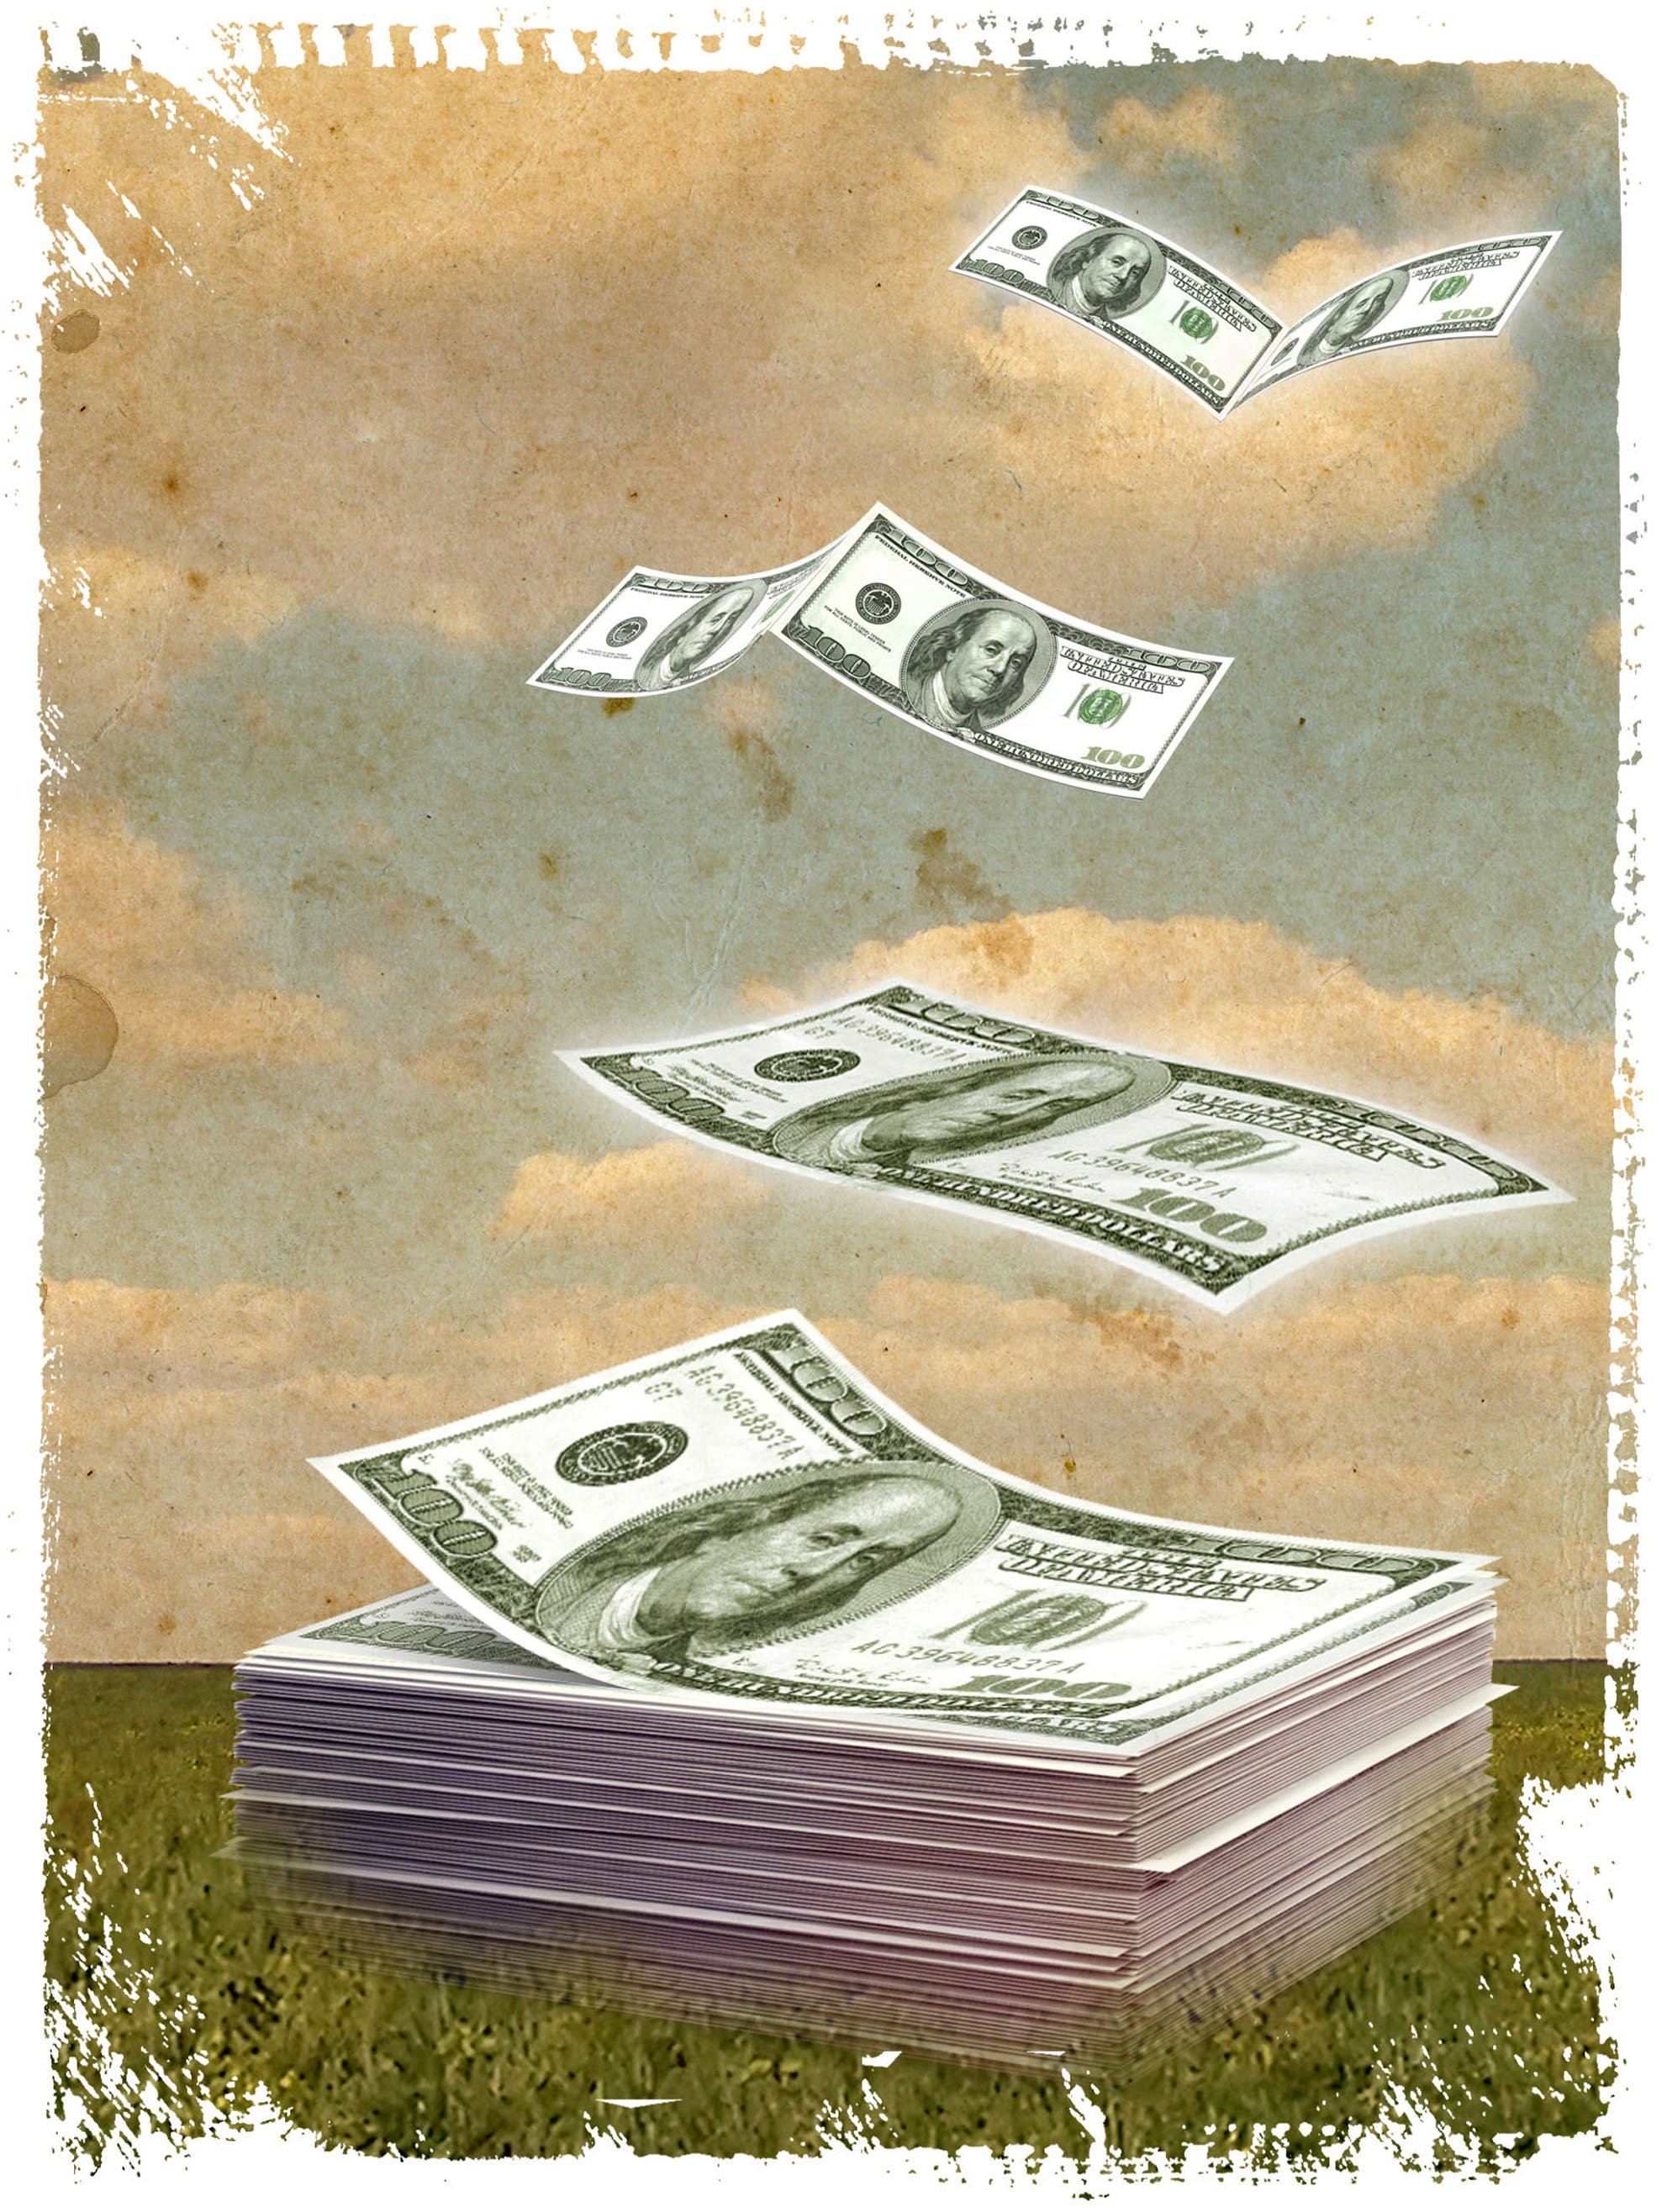 ILLUSTRATION: Budgeting Dollars